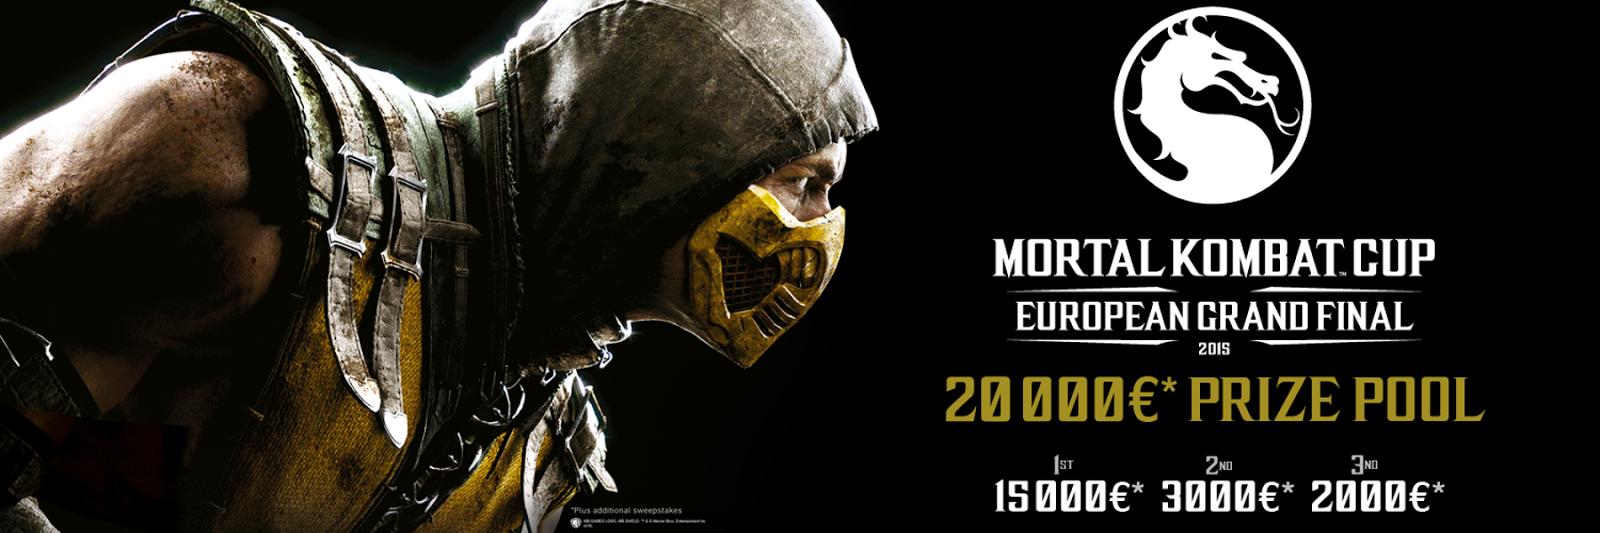 Mortal Kombat X Cup e versione Mobile